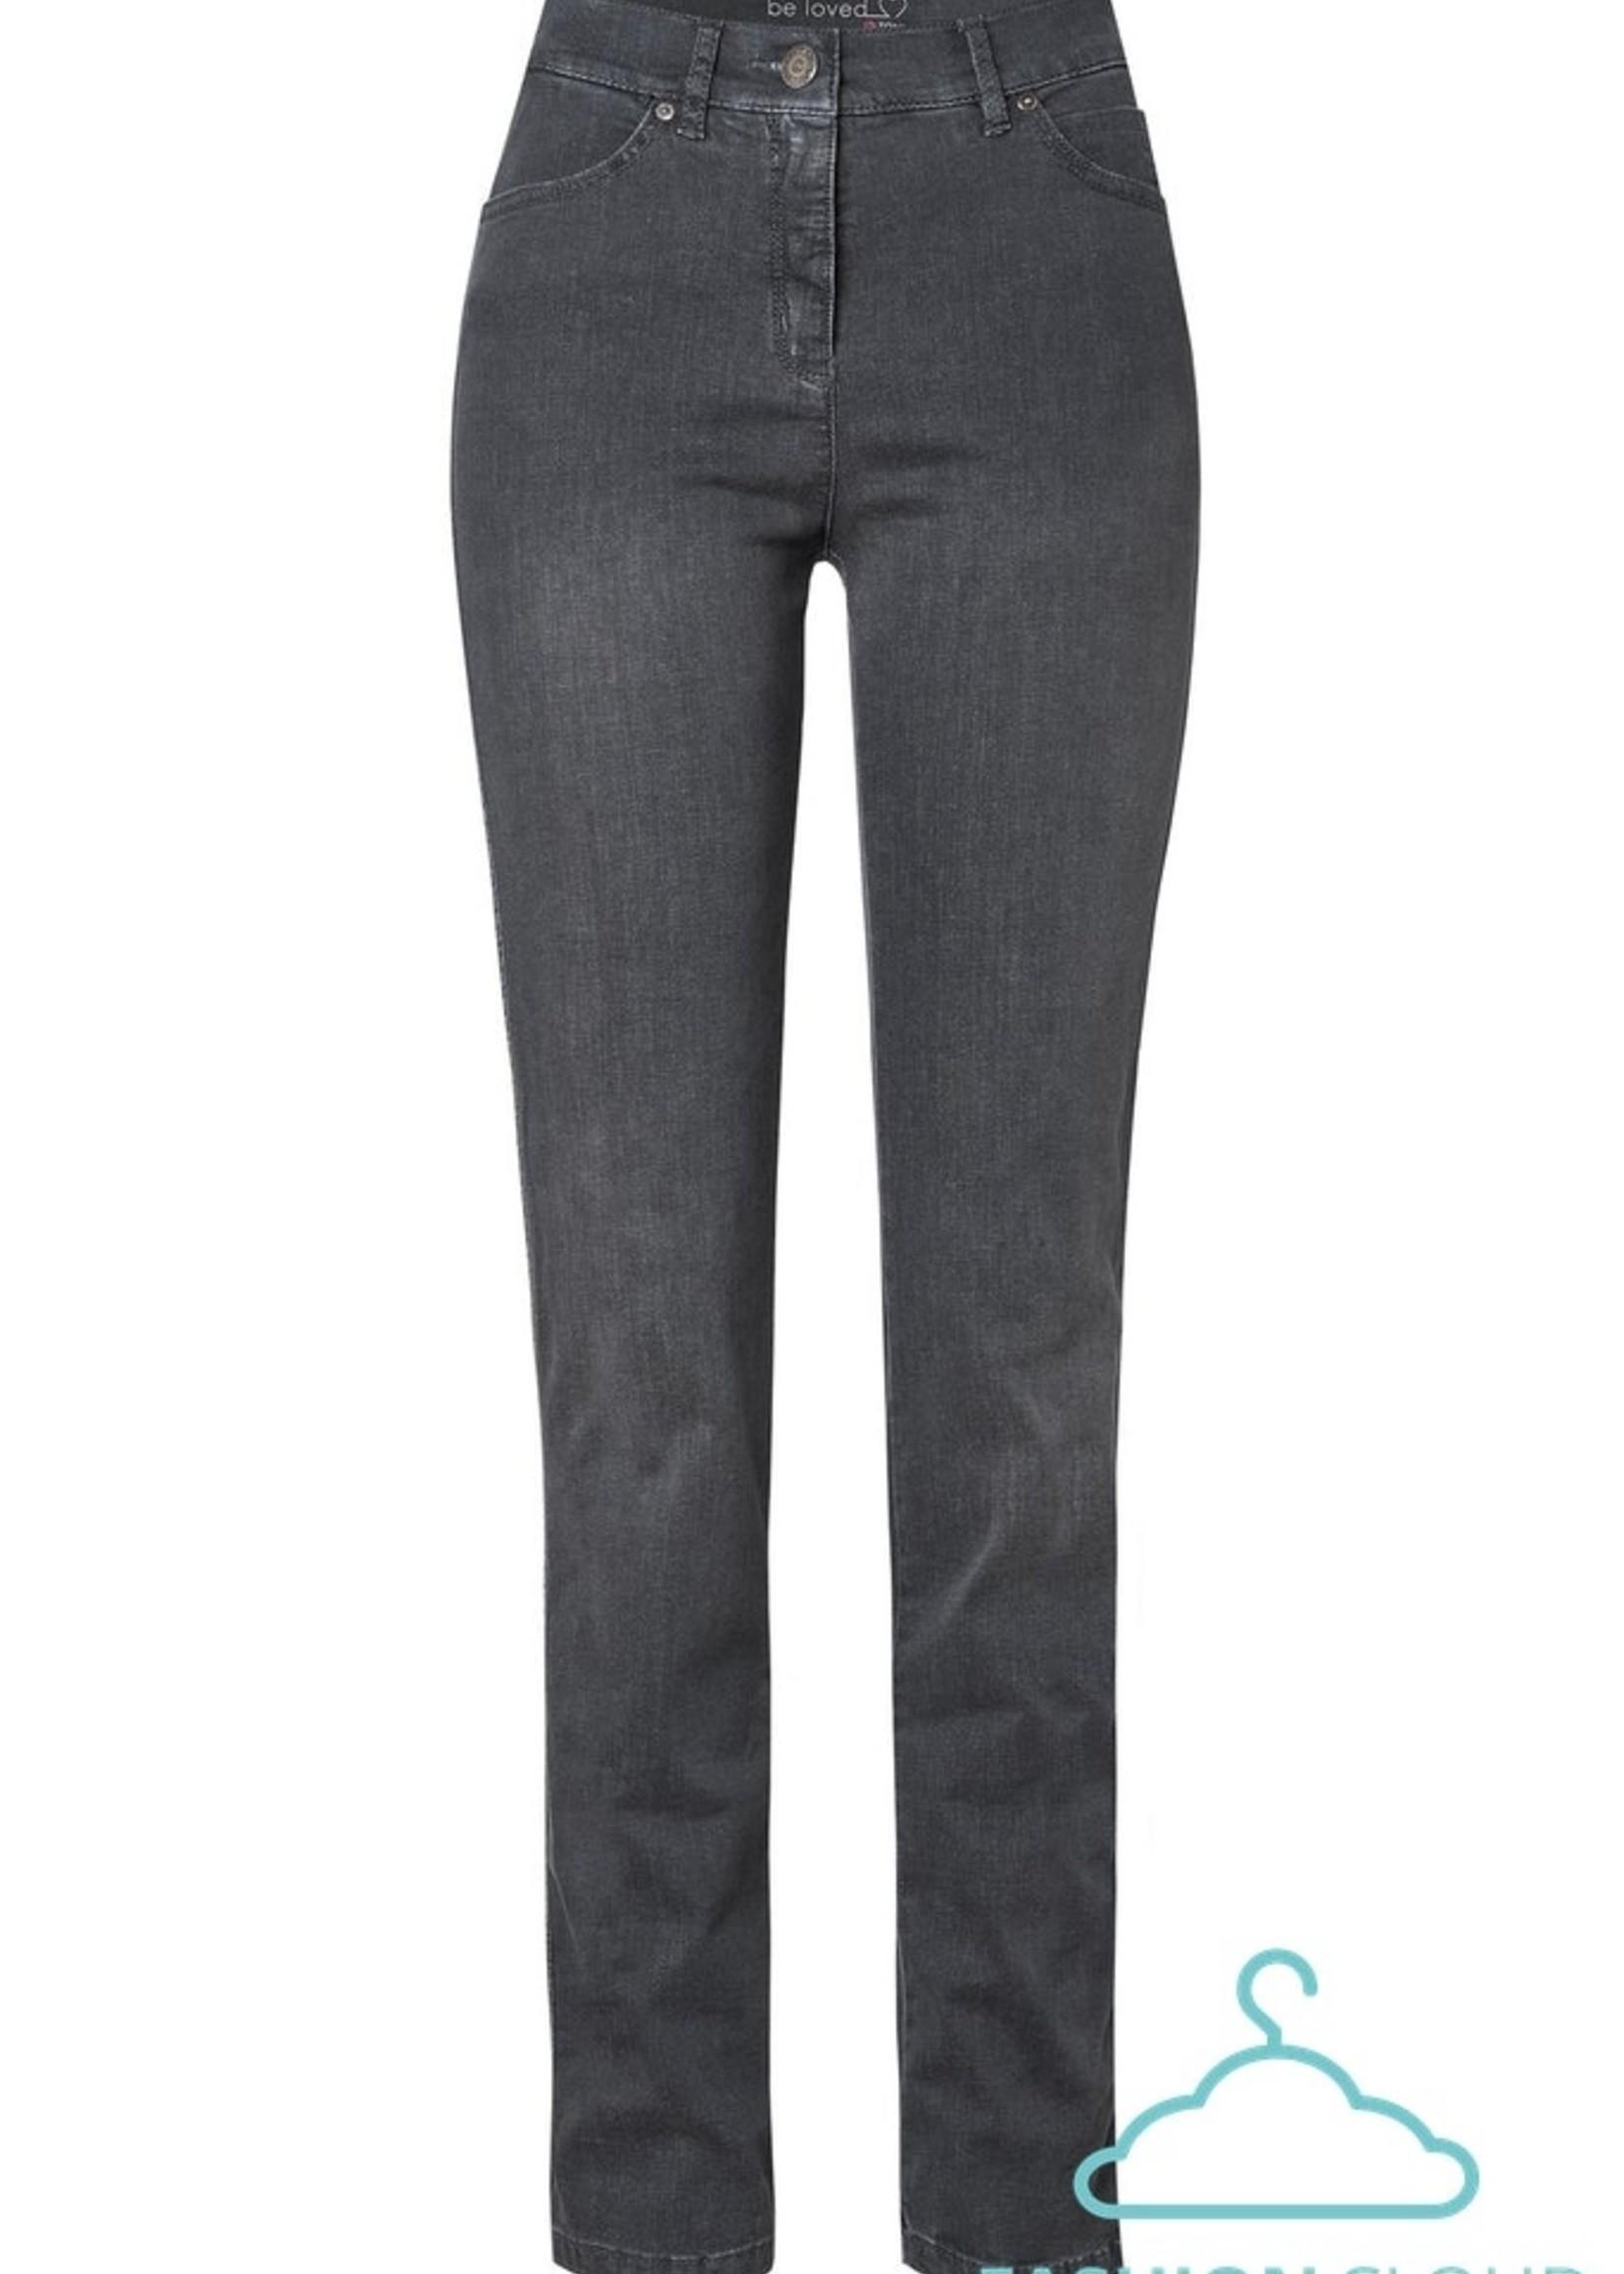 TONI Toni jeans Be Loved grijs